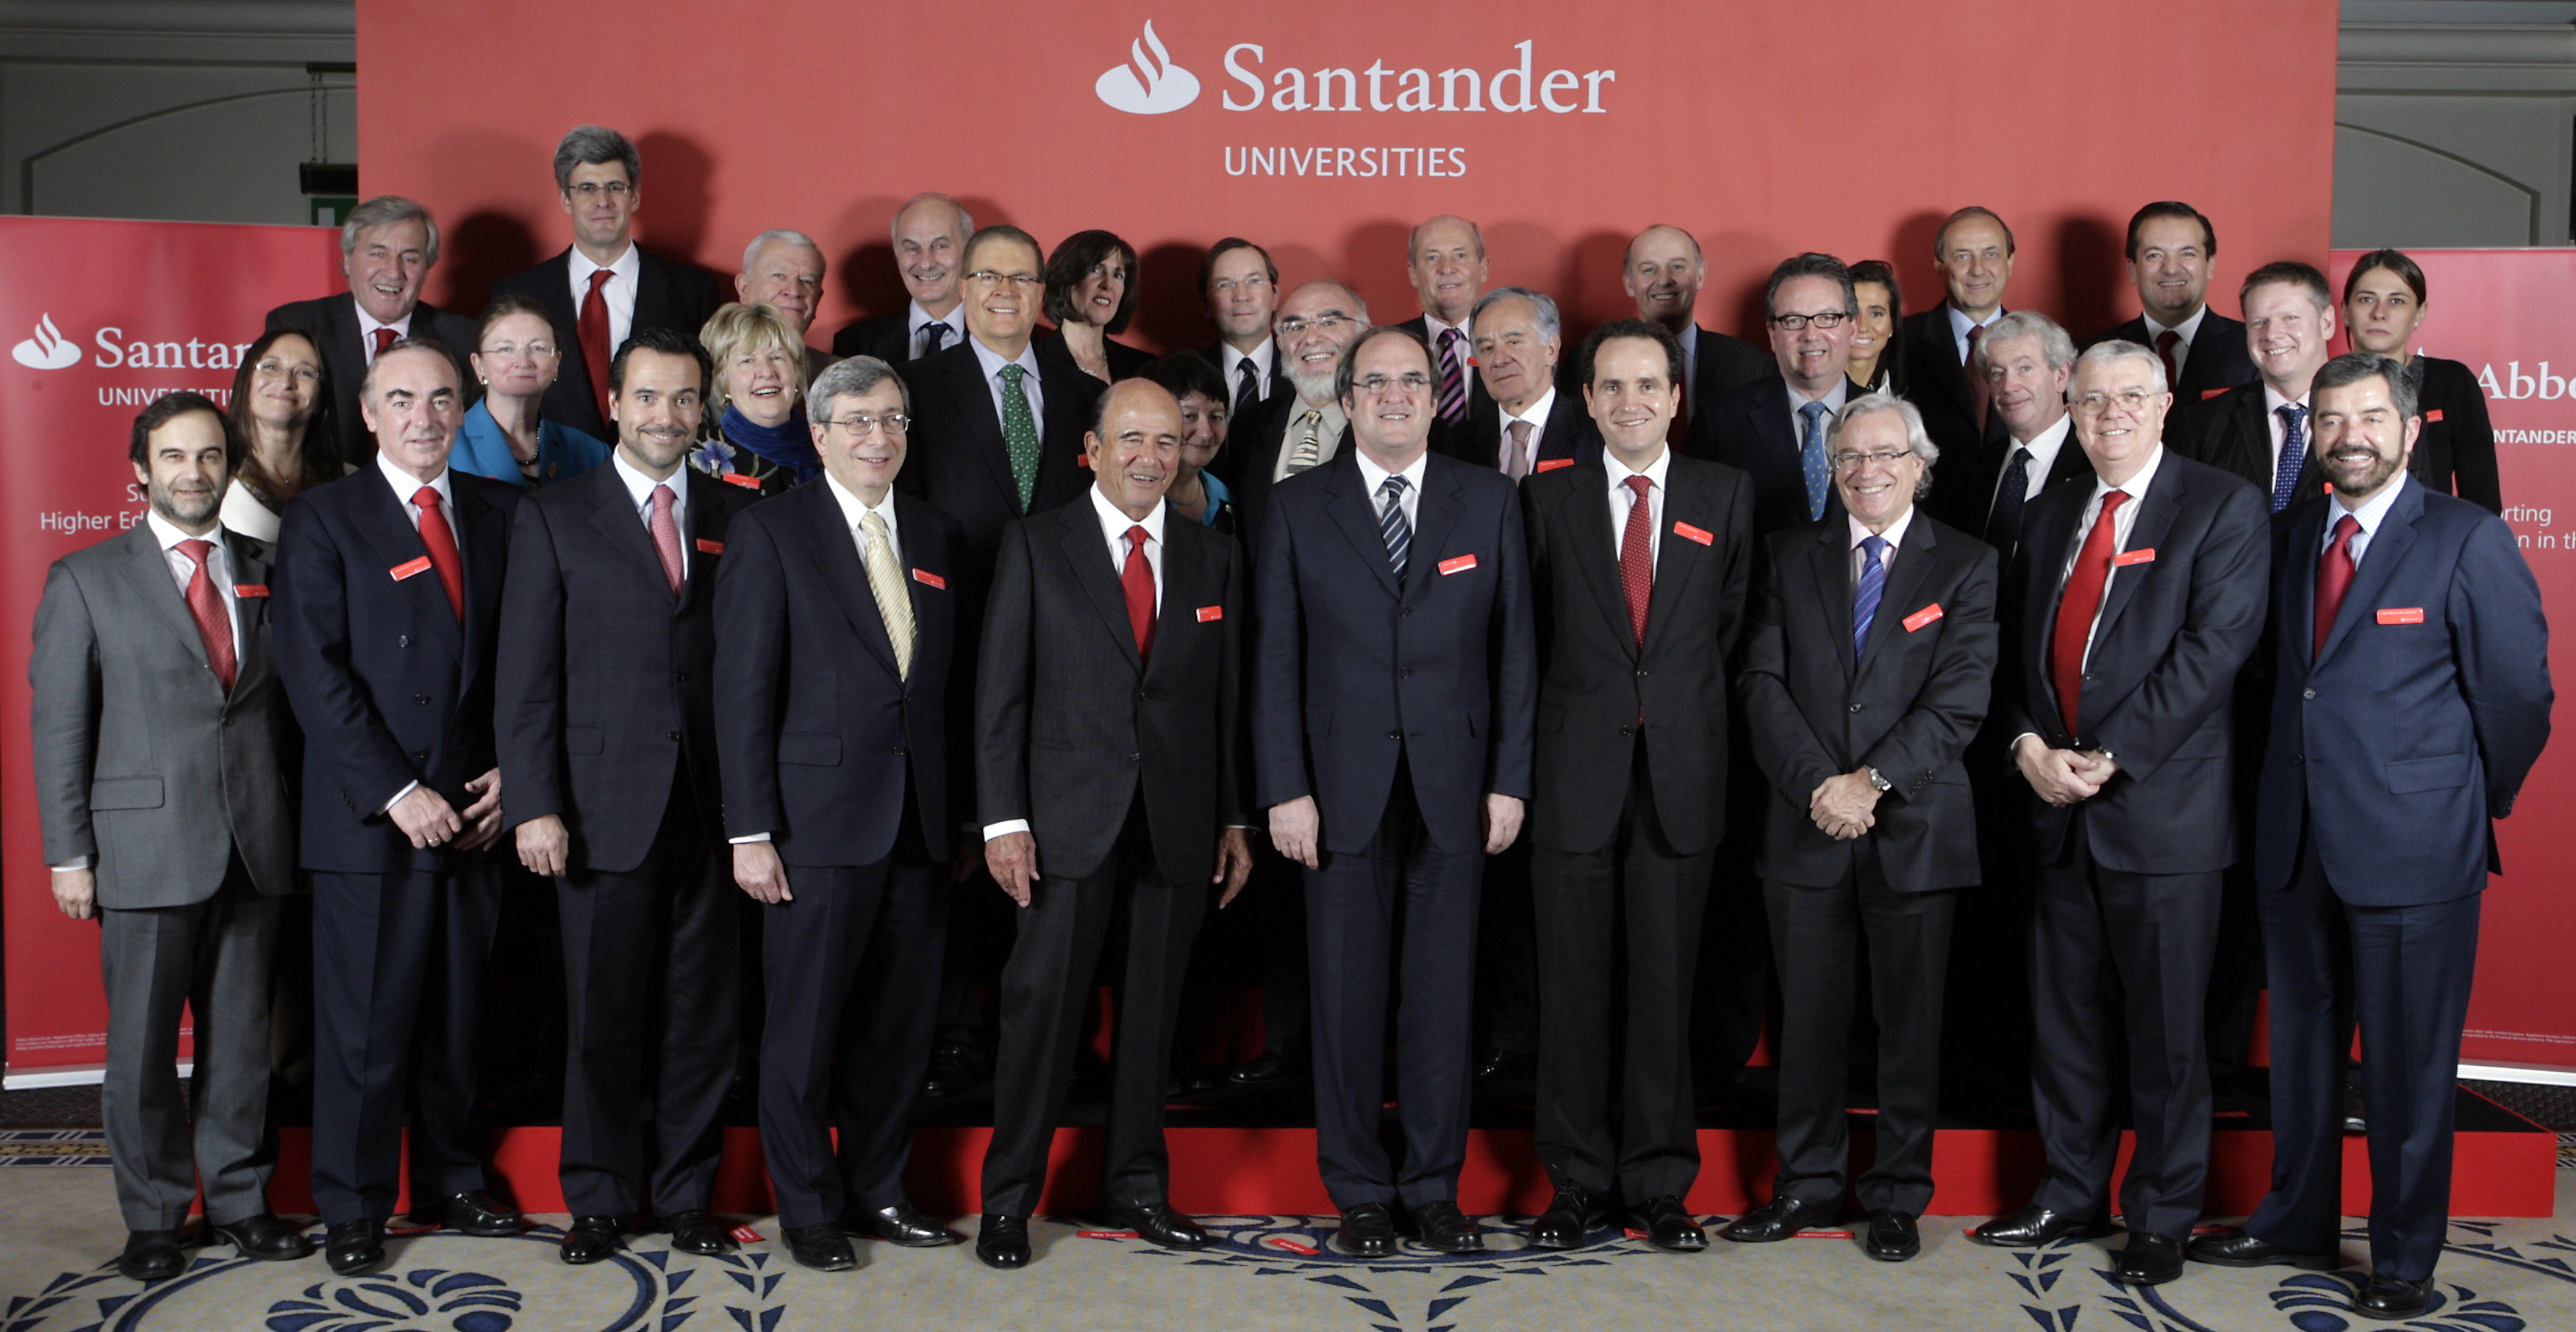 Mujer y visibilidad la asignatura pendiente el coraz n for Banco santander abierto sabado madrid